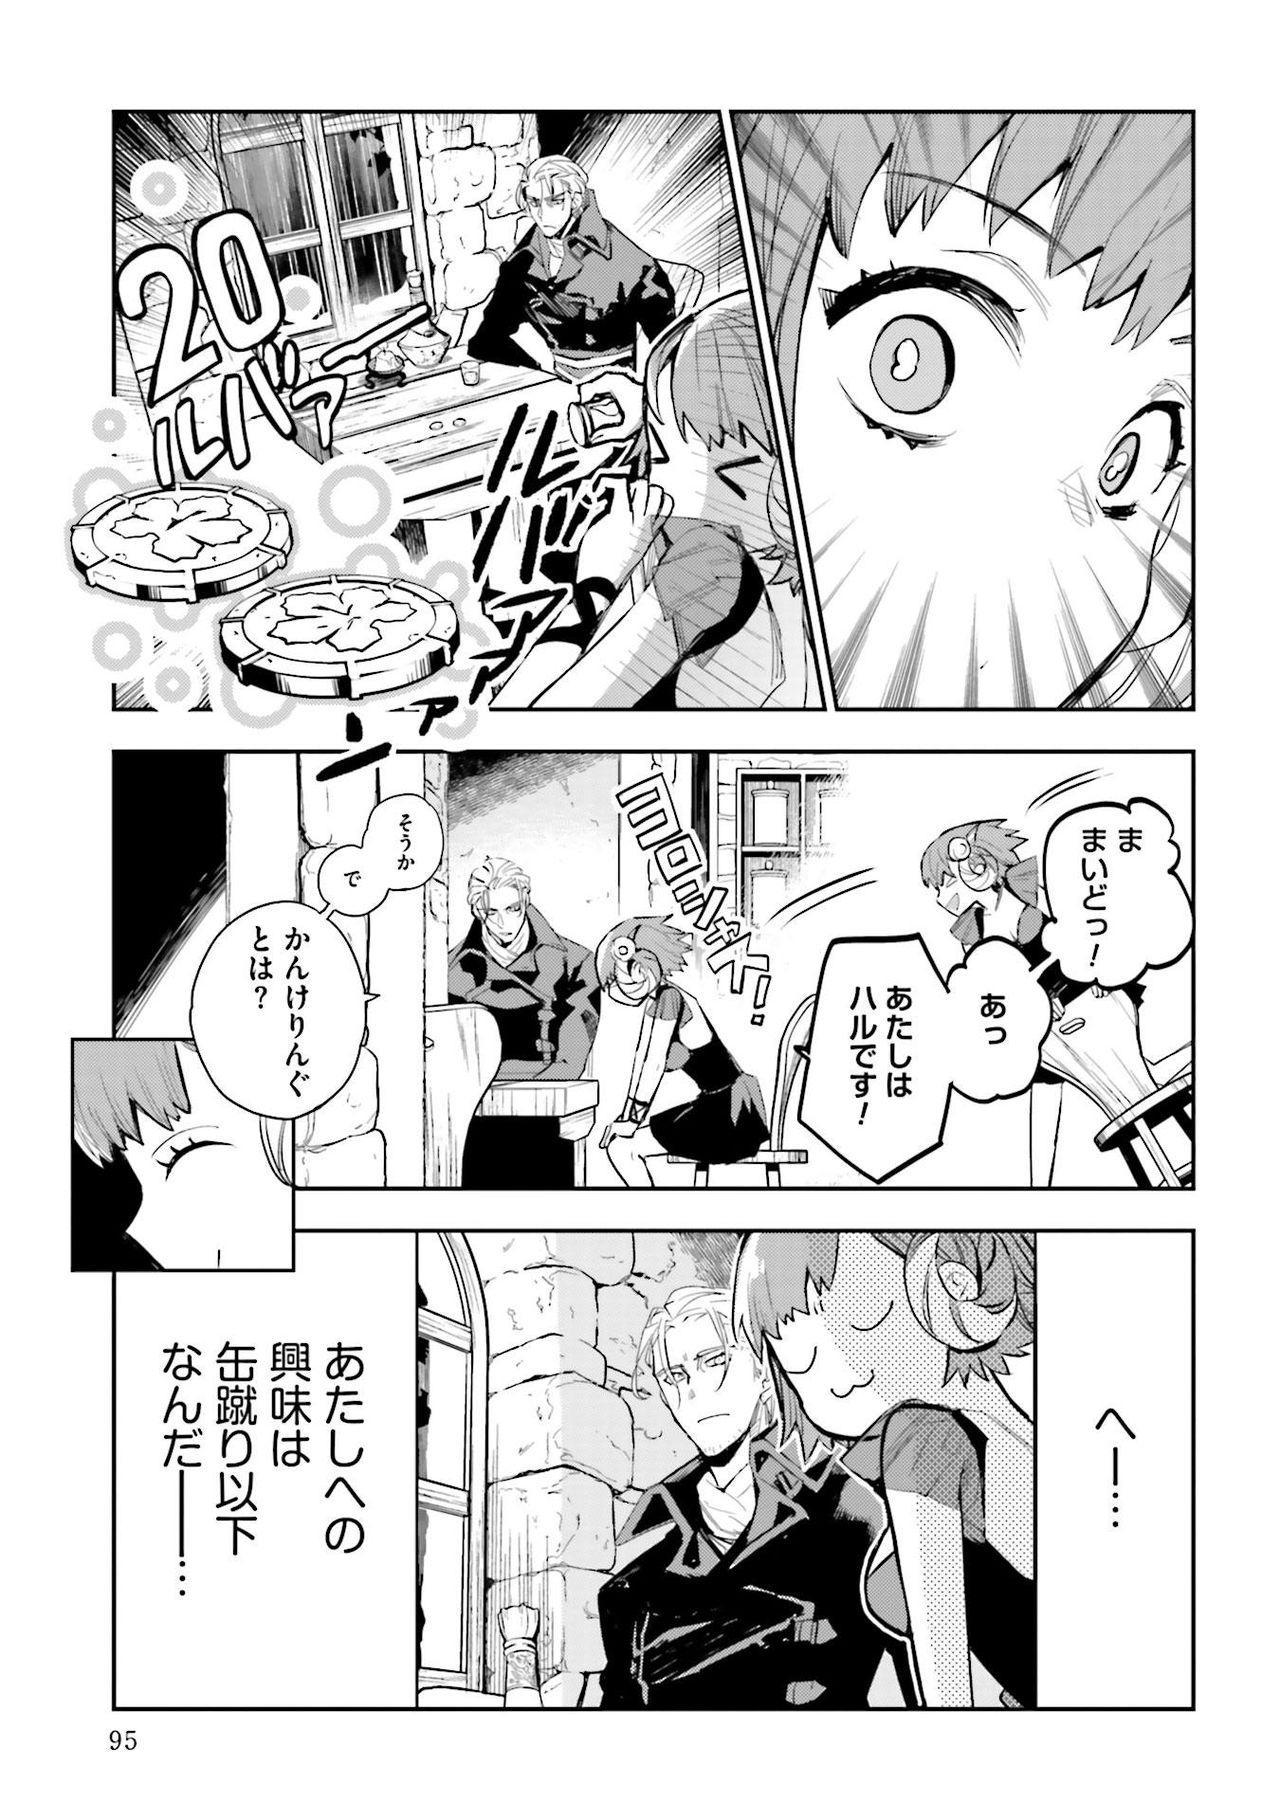 JK Haru wa Isekai de Shoufu ni Natta 1-14 454